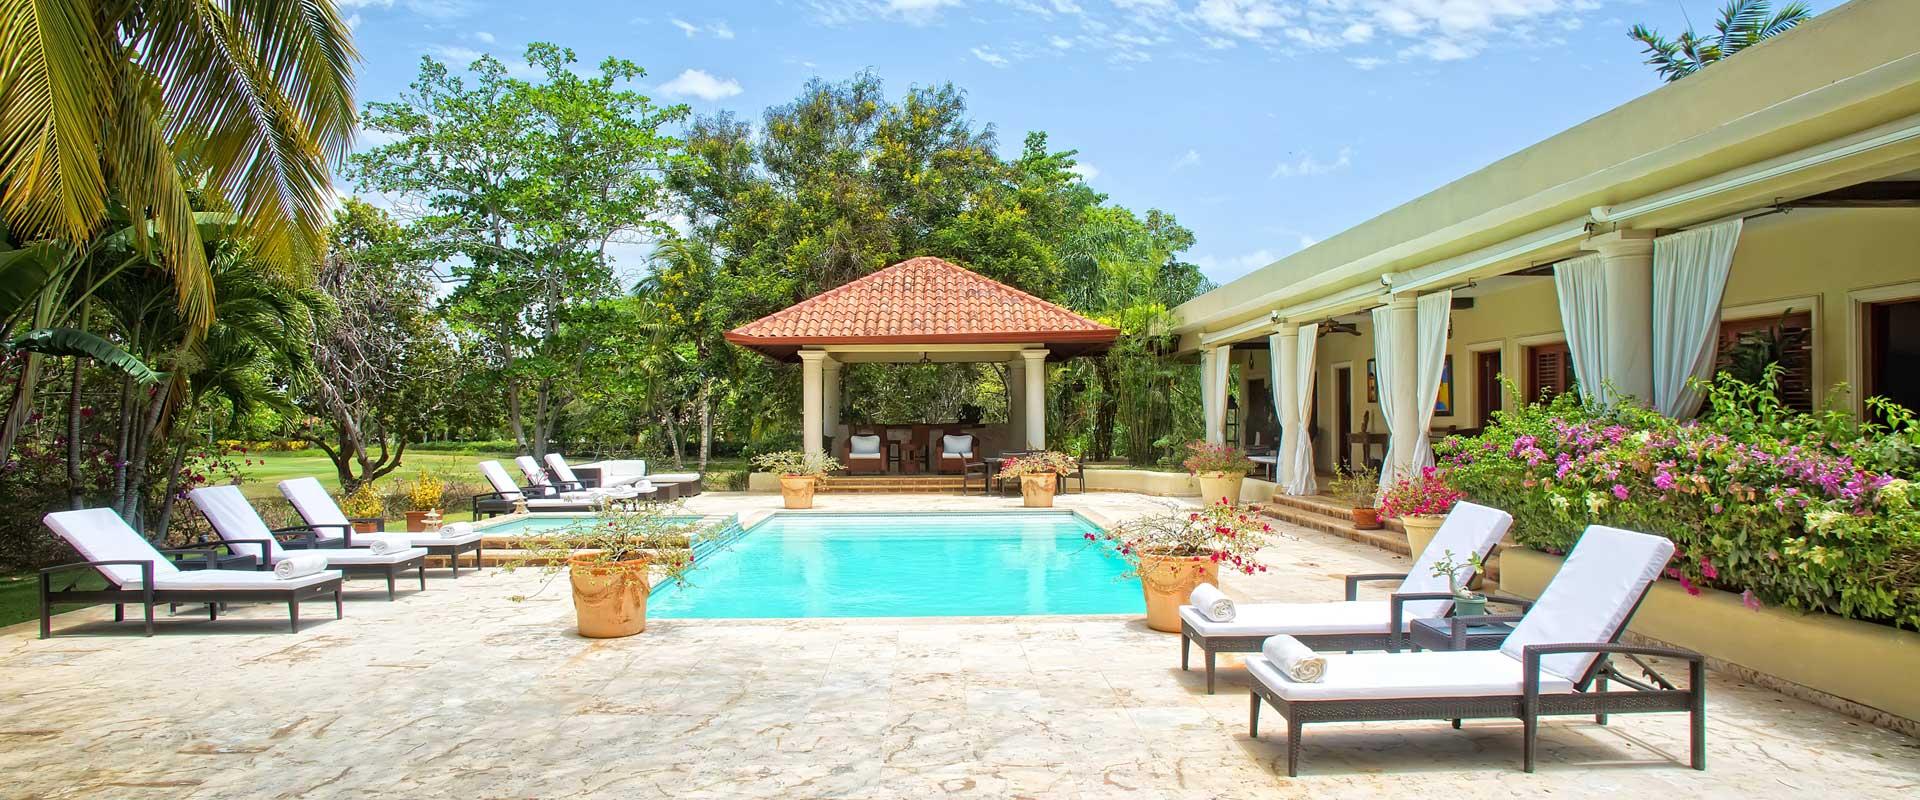 Aquaria villa aquaria casa de campo isle blue for Casa de campo villas